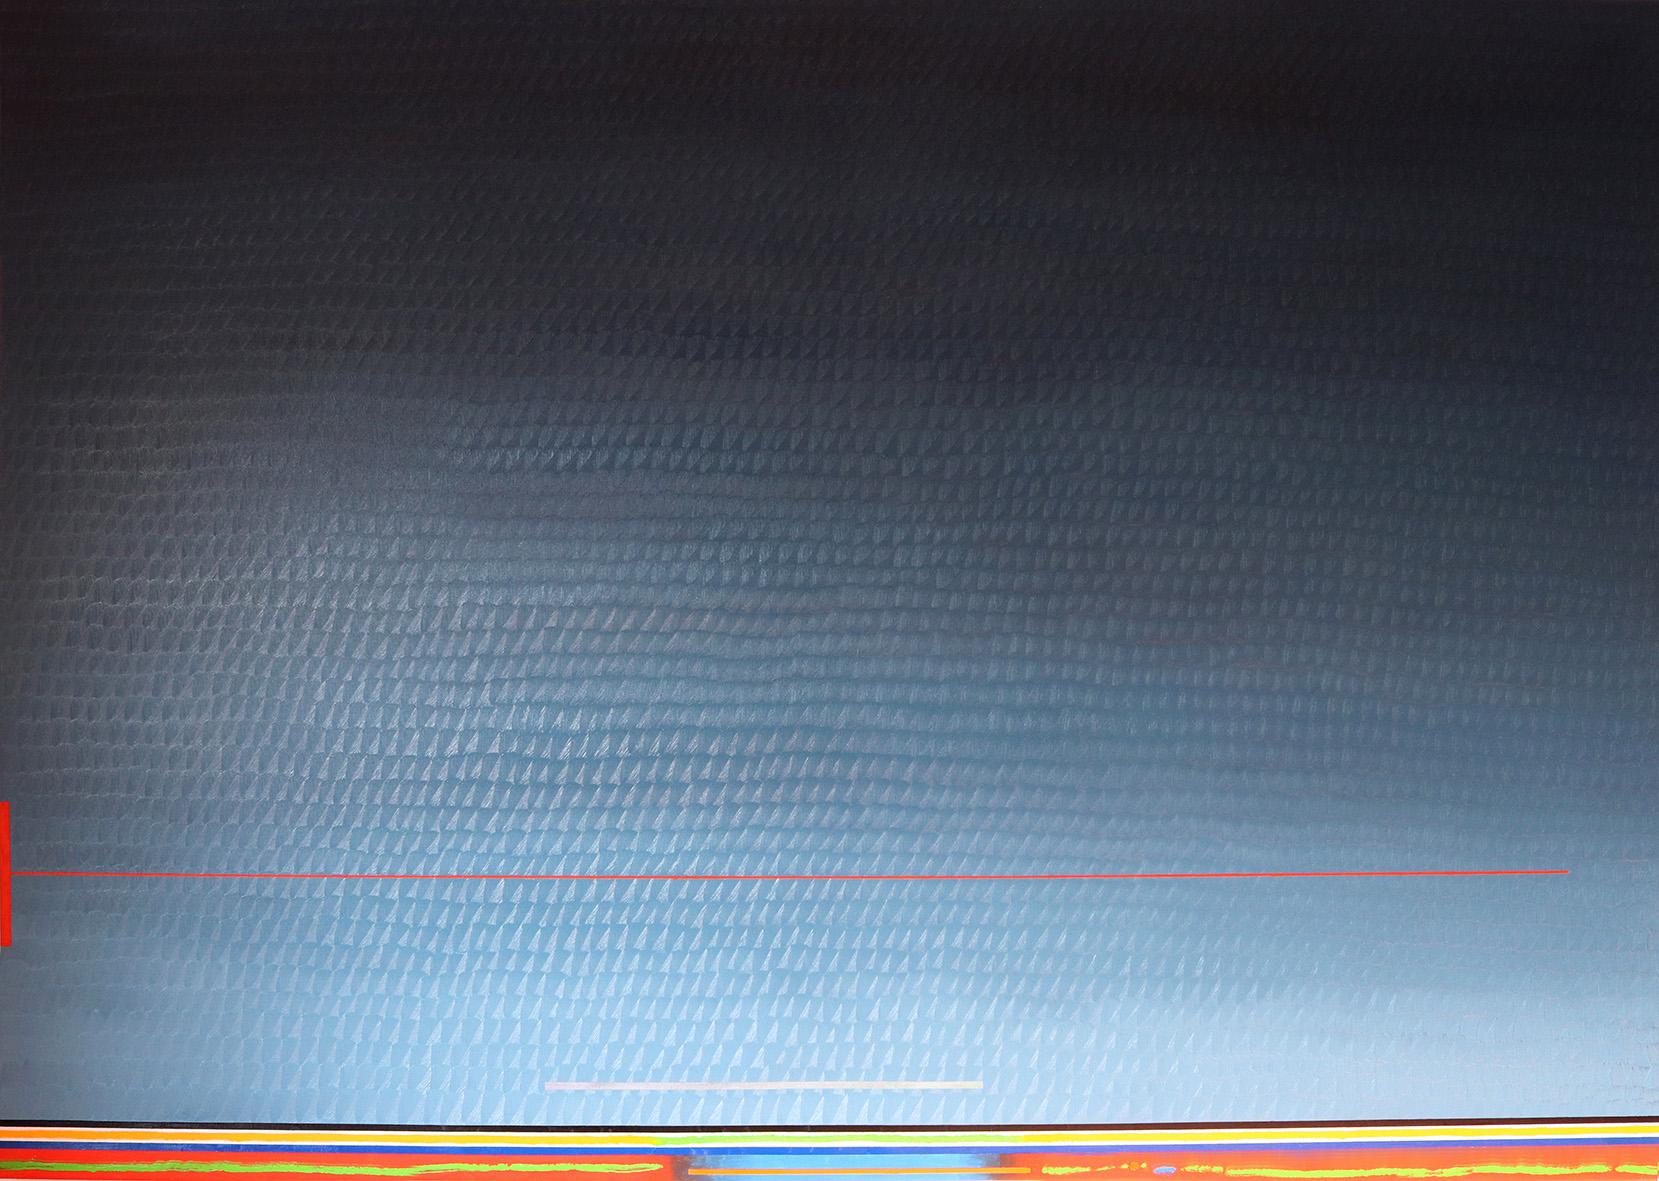 Redline horizon (v 9.0) (147x208cm) 2019